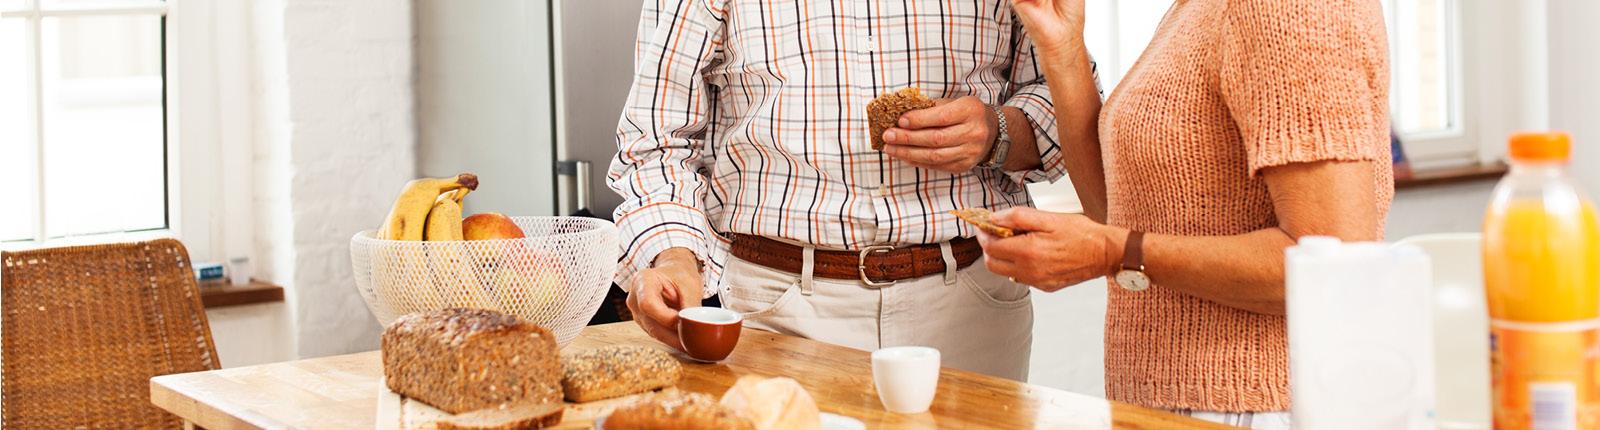 Distributori caffè a cialde per la casa e la famiglia